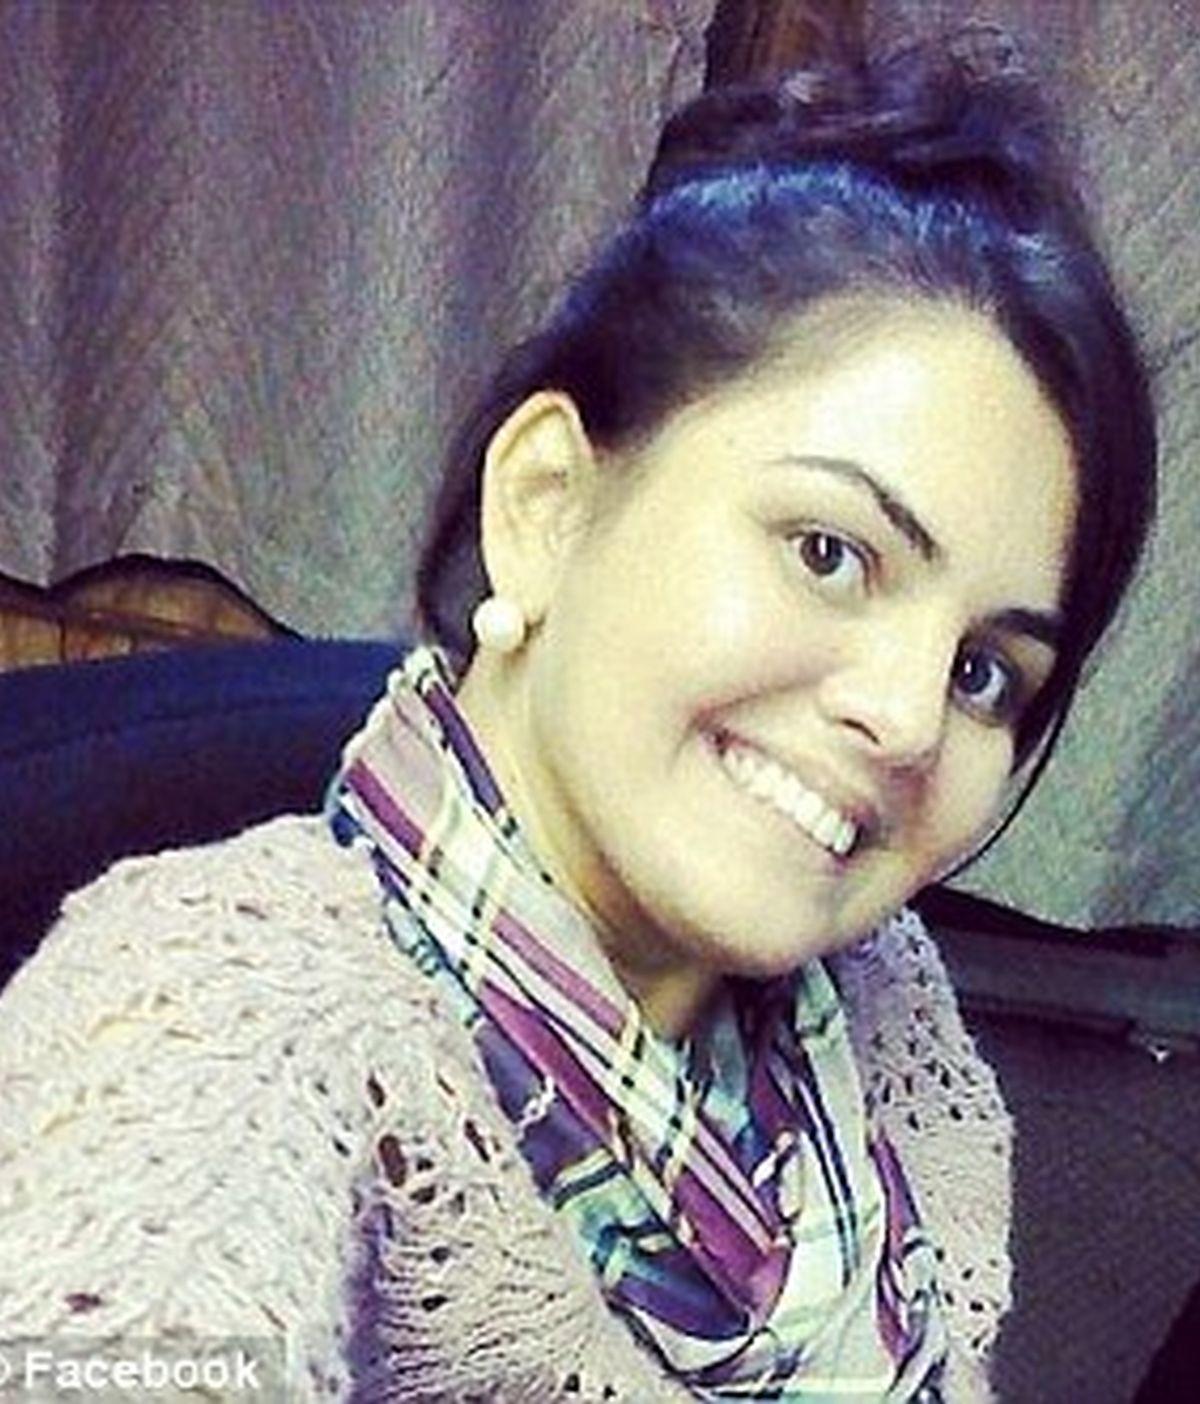 Una joven madre muere tras someterse a una operación de cirugía estética